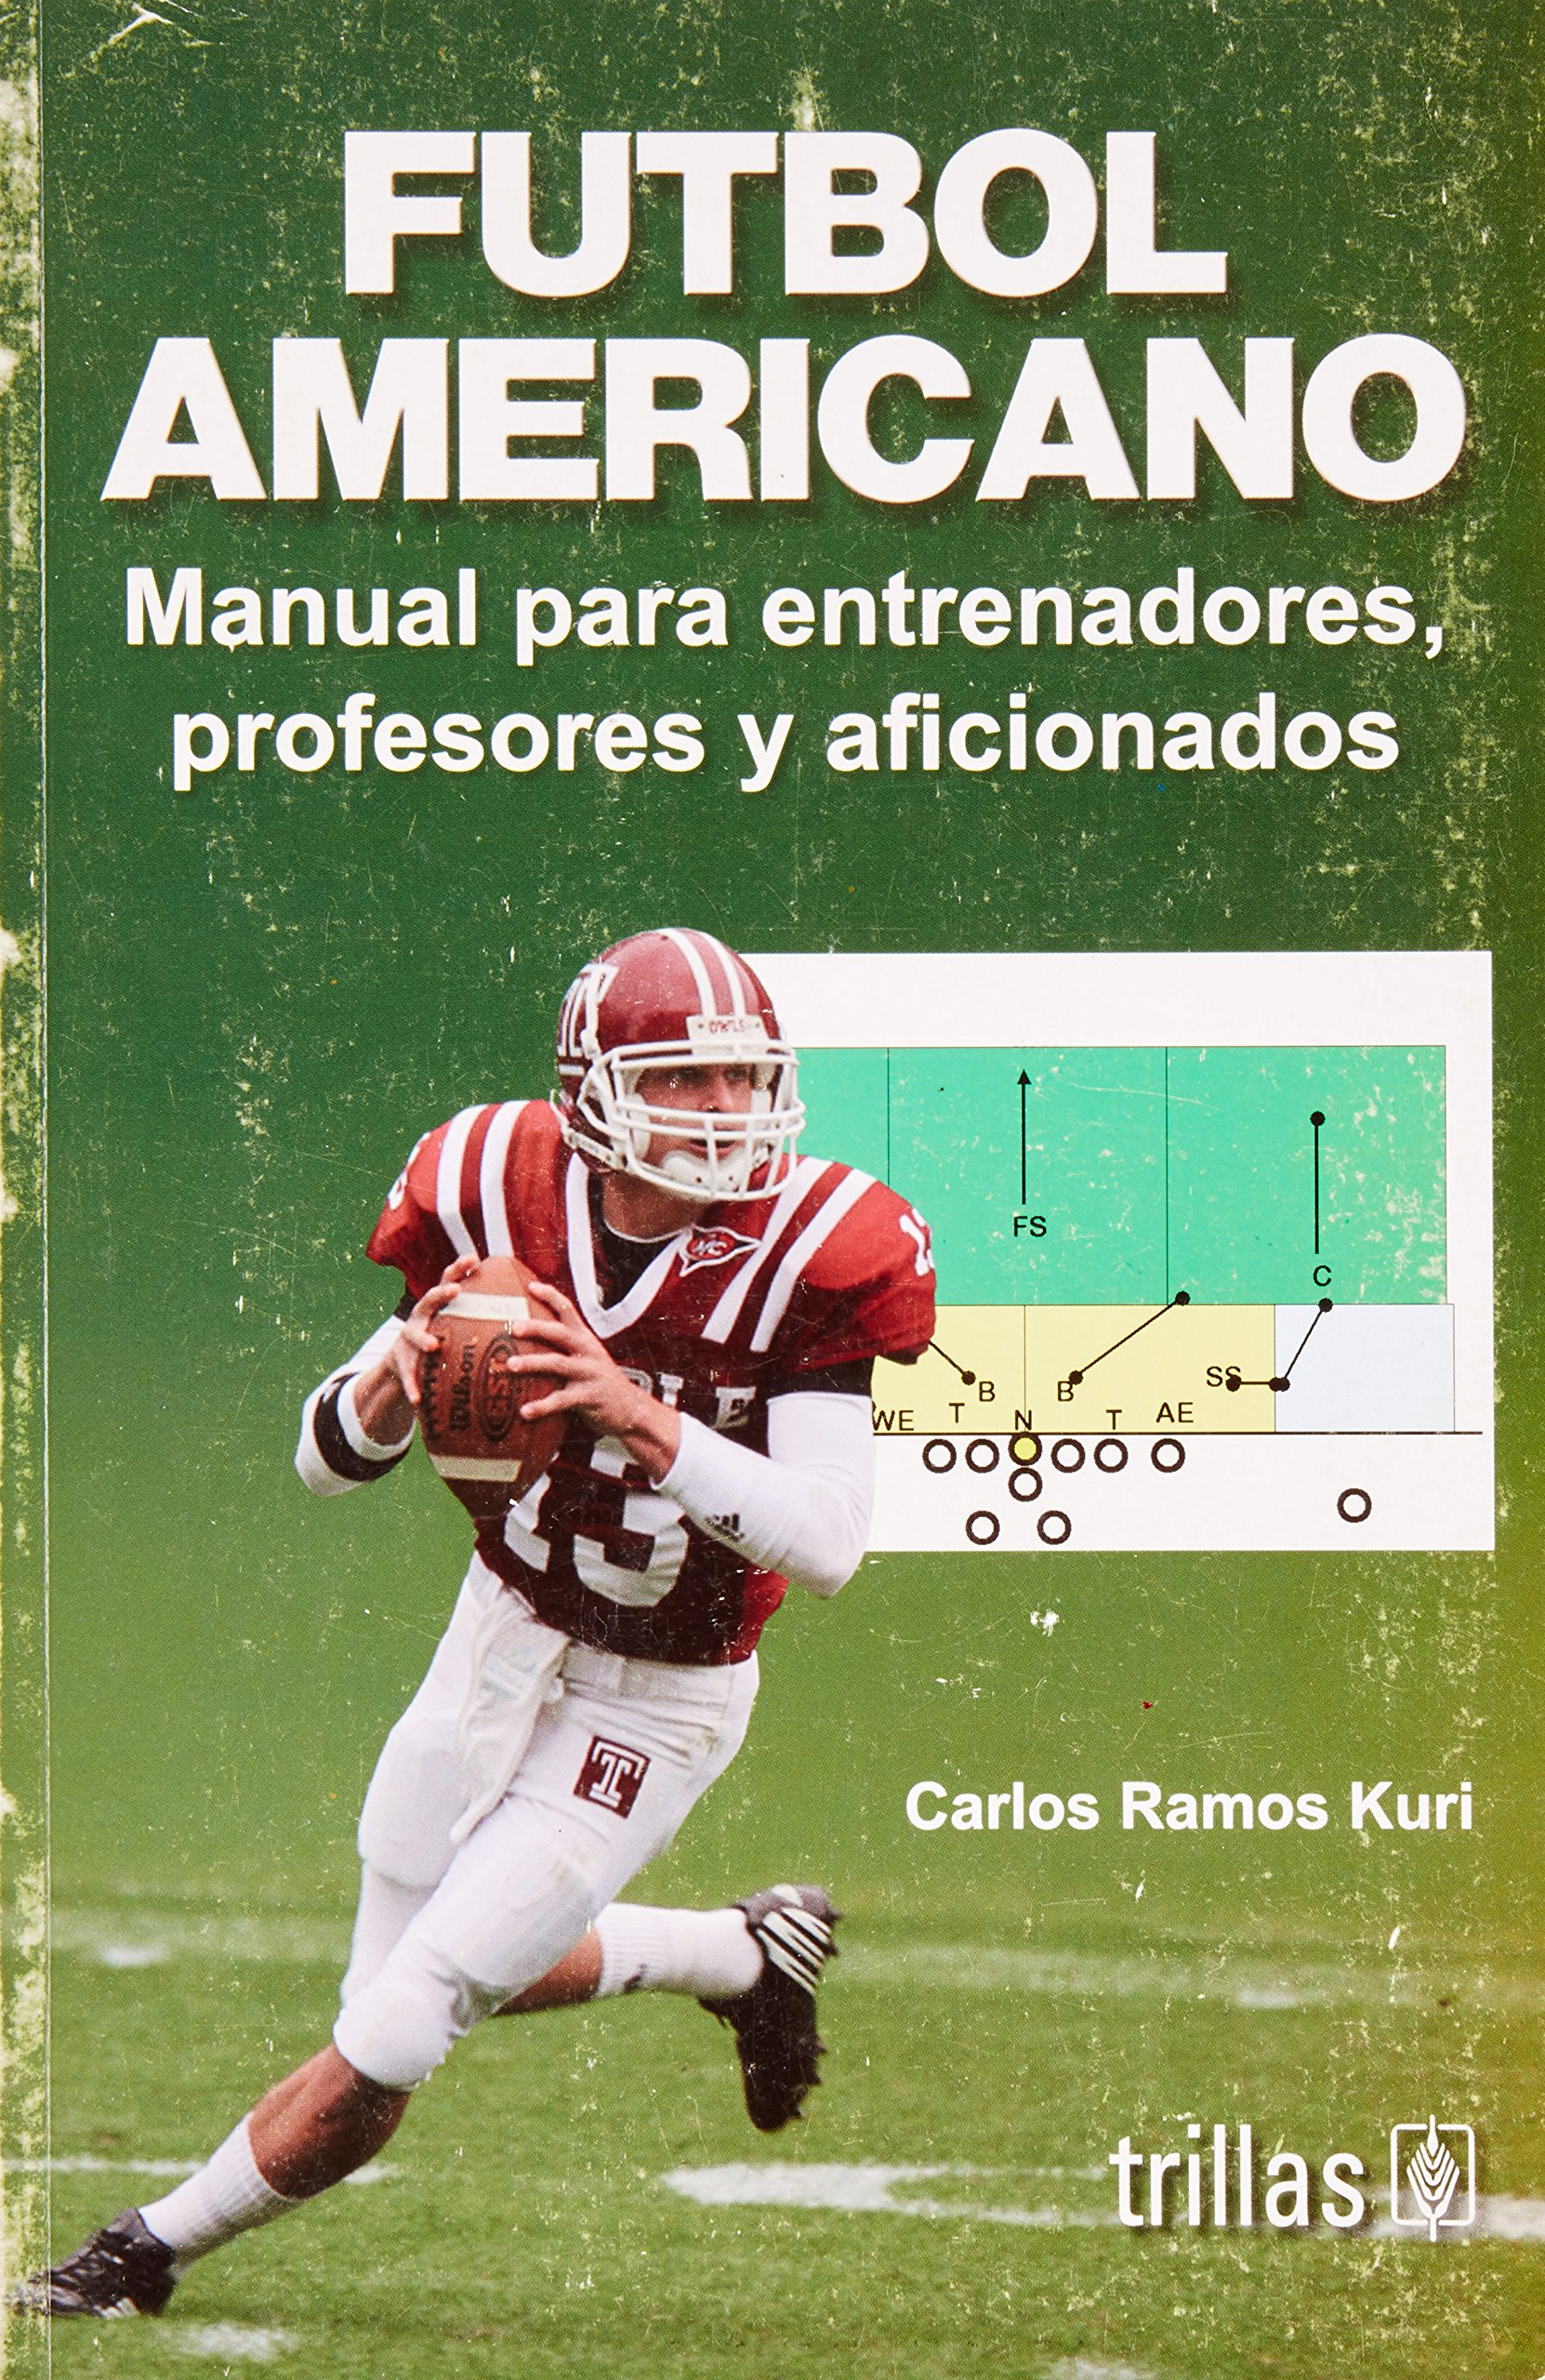 Futbol Americano/American Football: Manual para entrenadores, profesores y aficionados/Guide for Trainers, Professionals and Fans: Amazon.es: Carlos Ramos ...